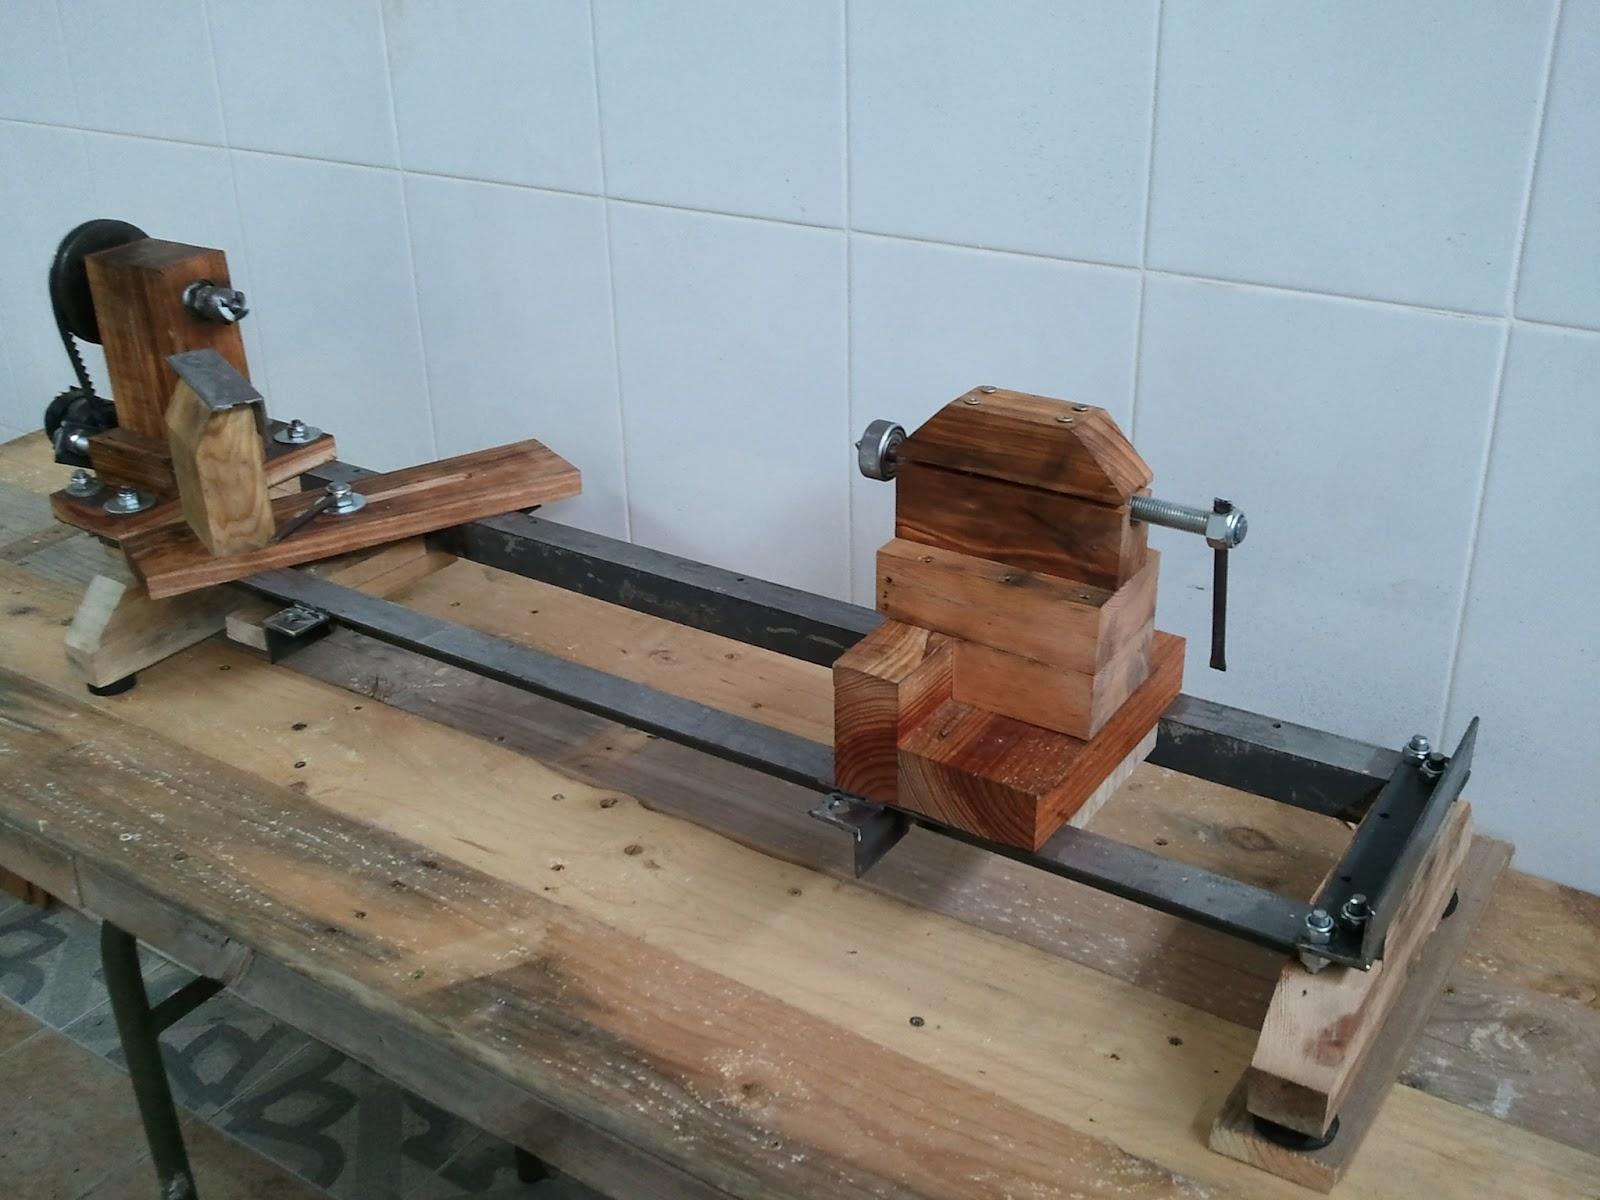 Torno casero artilugios en casa for Como fabricar un kiosco de madera